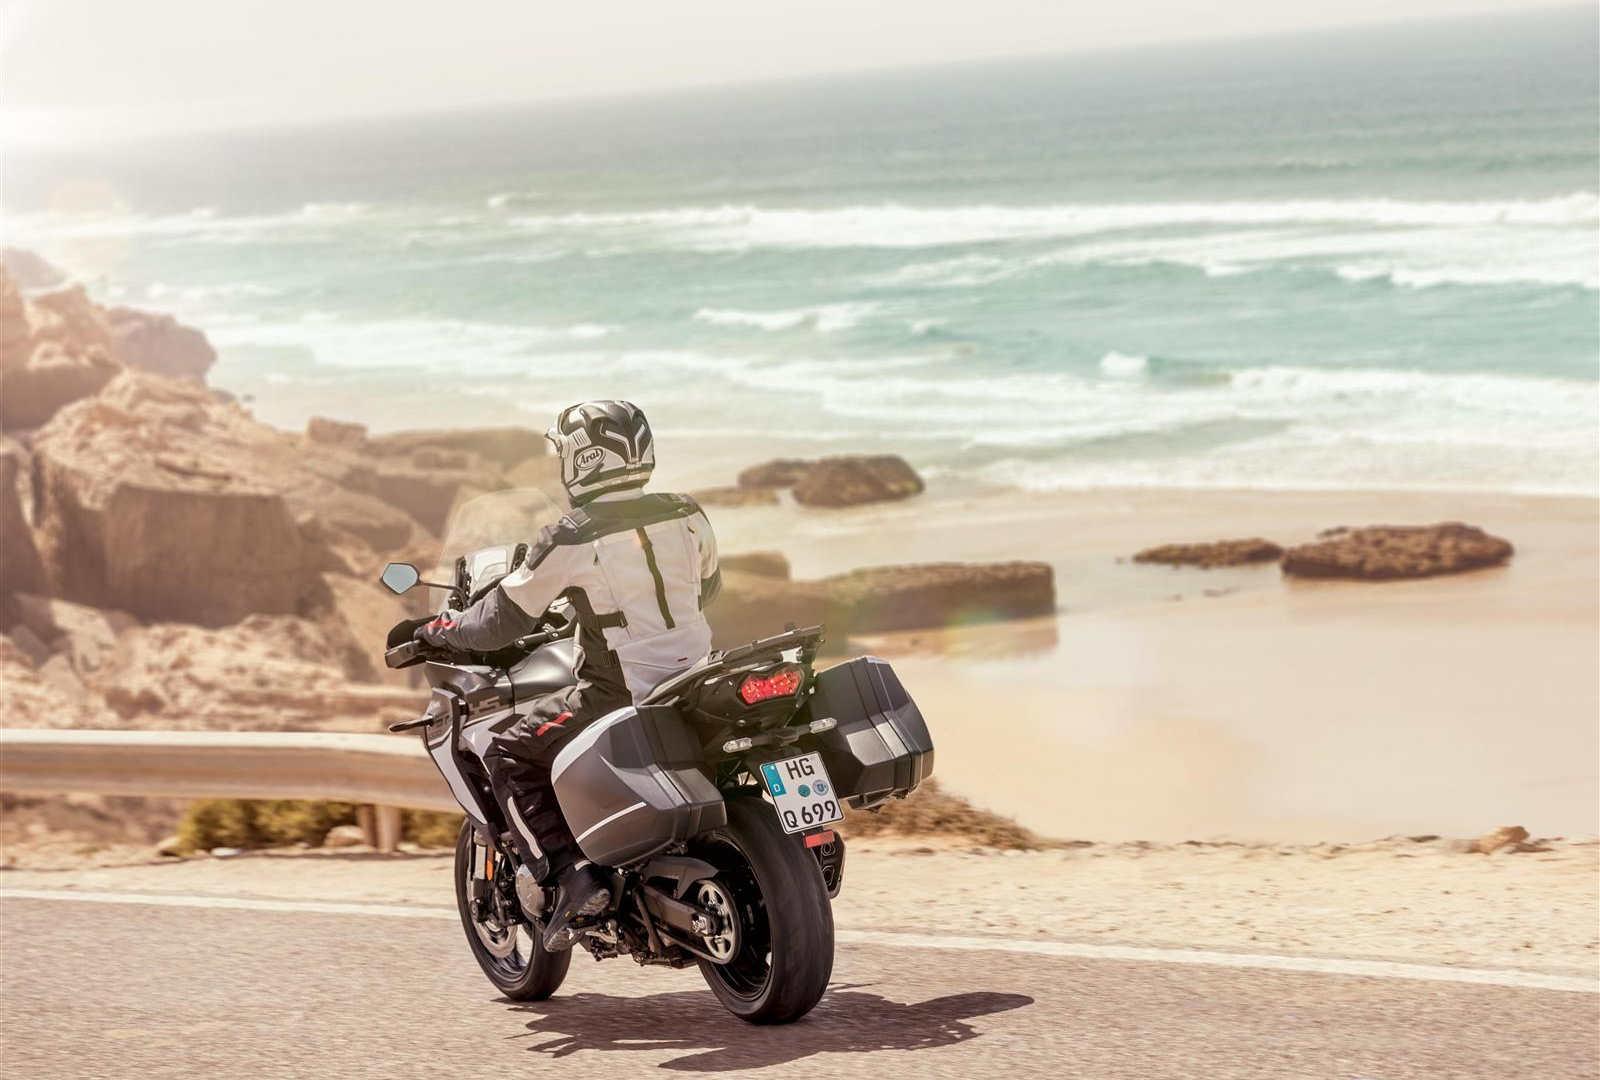 Turystyczny motocykl Kawasaki Versys 1000 w akcji